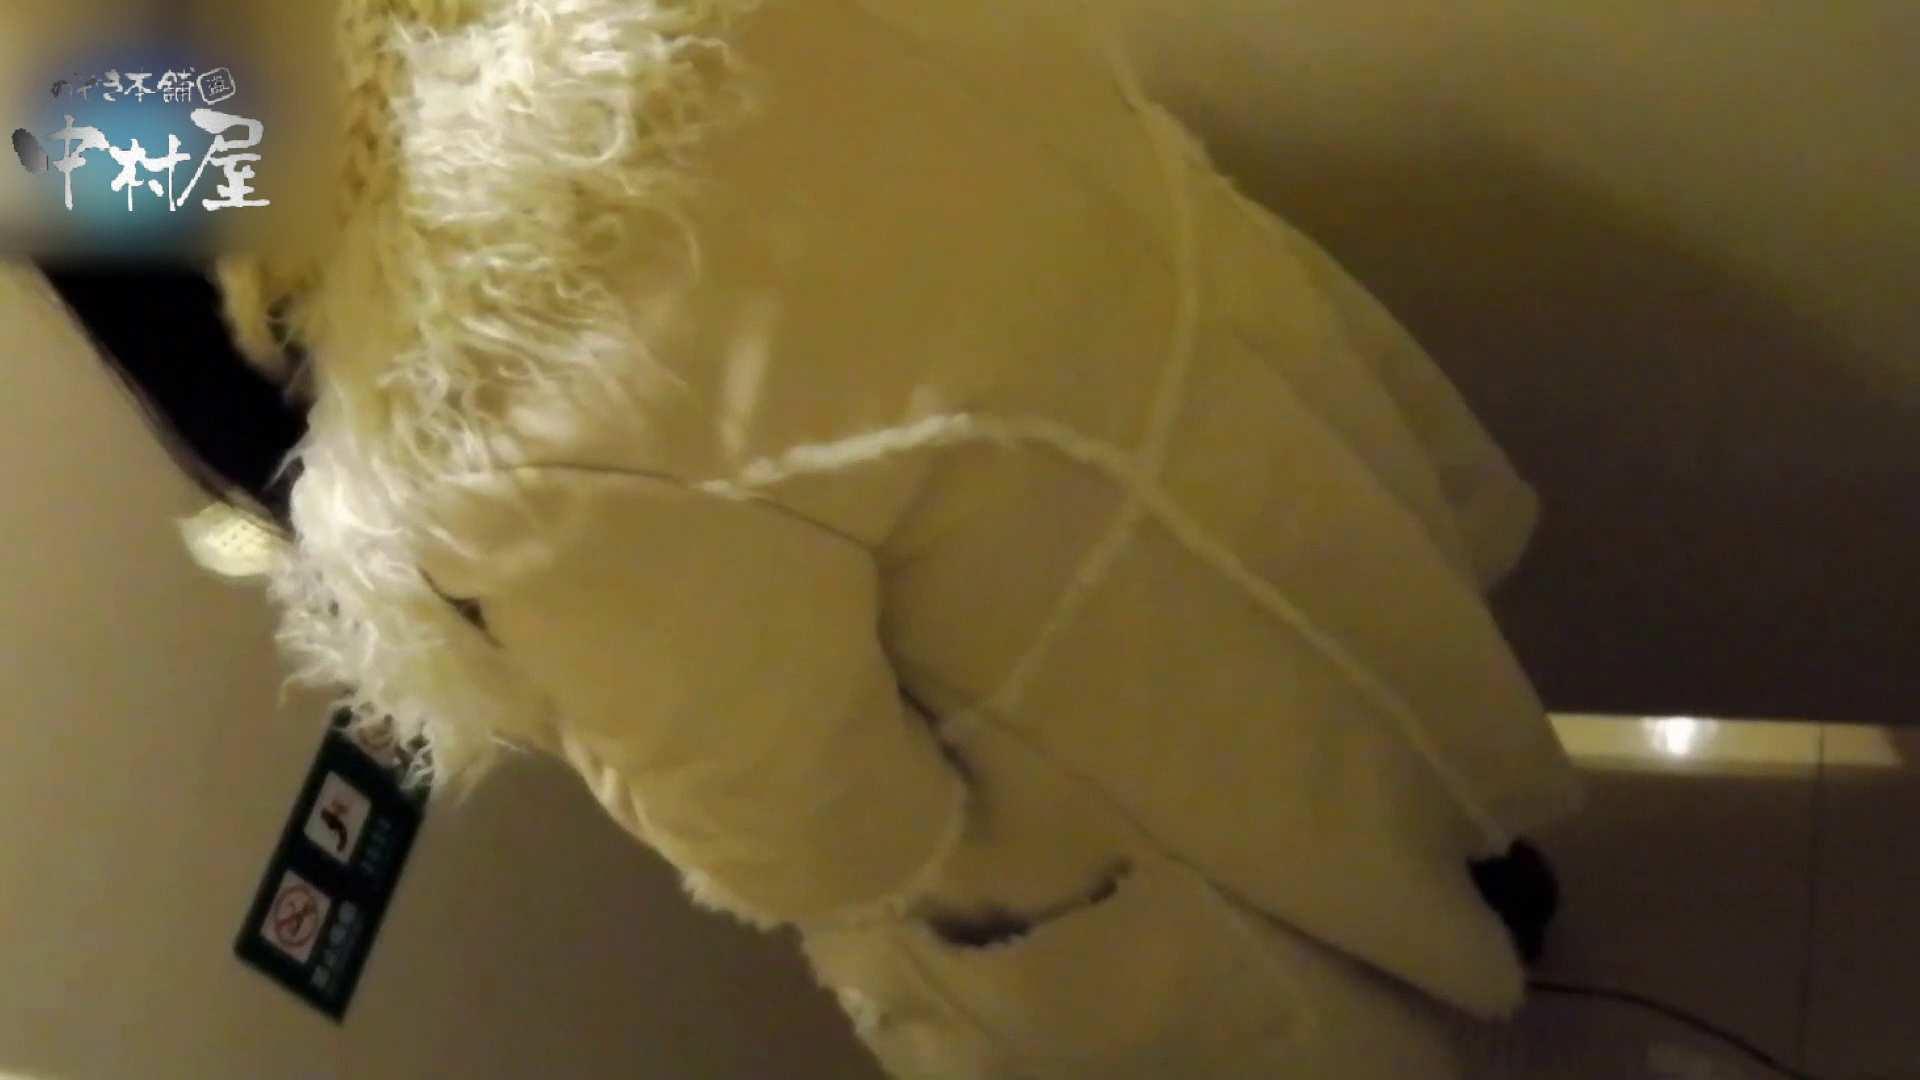 乙女集まる!ショッピングモール潜入撮vol.01 トイレ 盗撮おめこ無修正動画無料 101画像 50